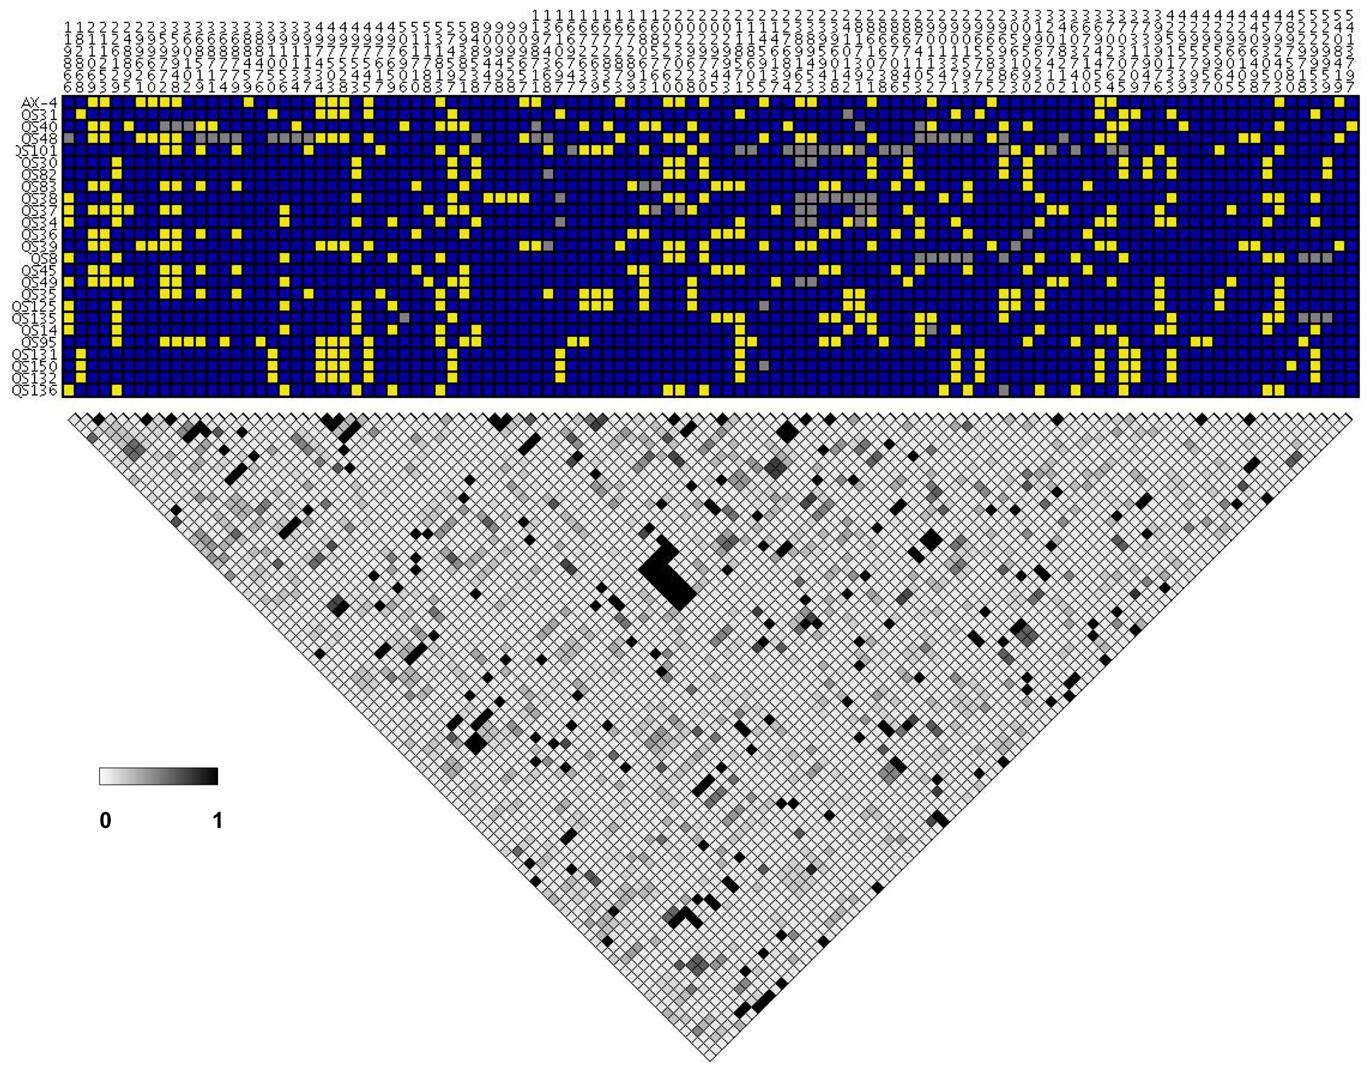 Pairwise linkage disequilibrium in chromosome 4.